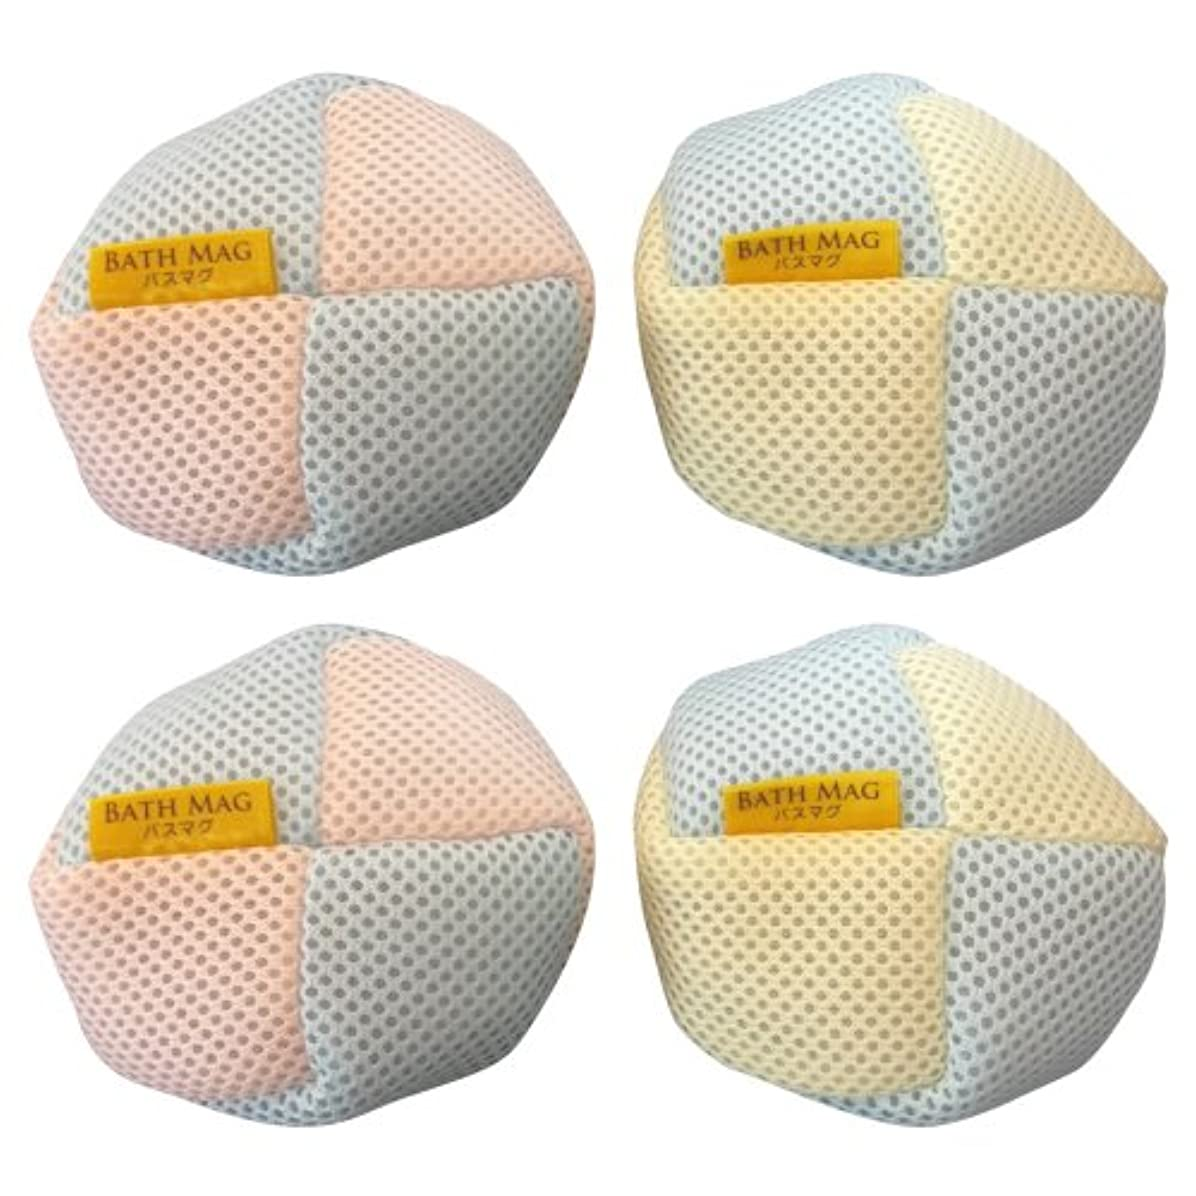 パークずんぐりした範囲BATH MAG マグネシウムde水素浴(バスマグ)2個入り×2箱セット(計4個)